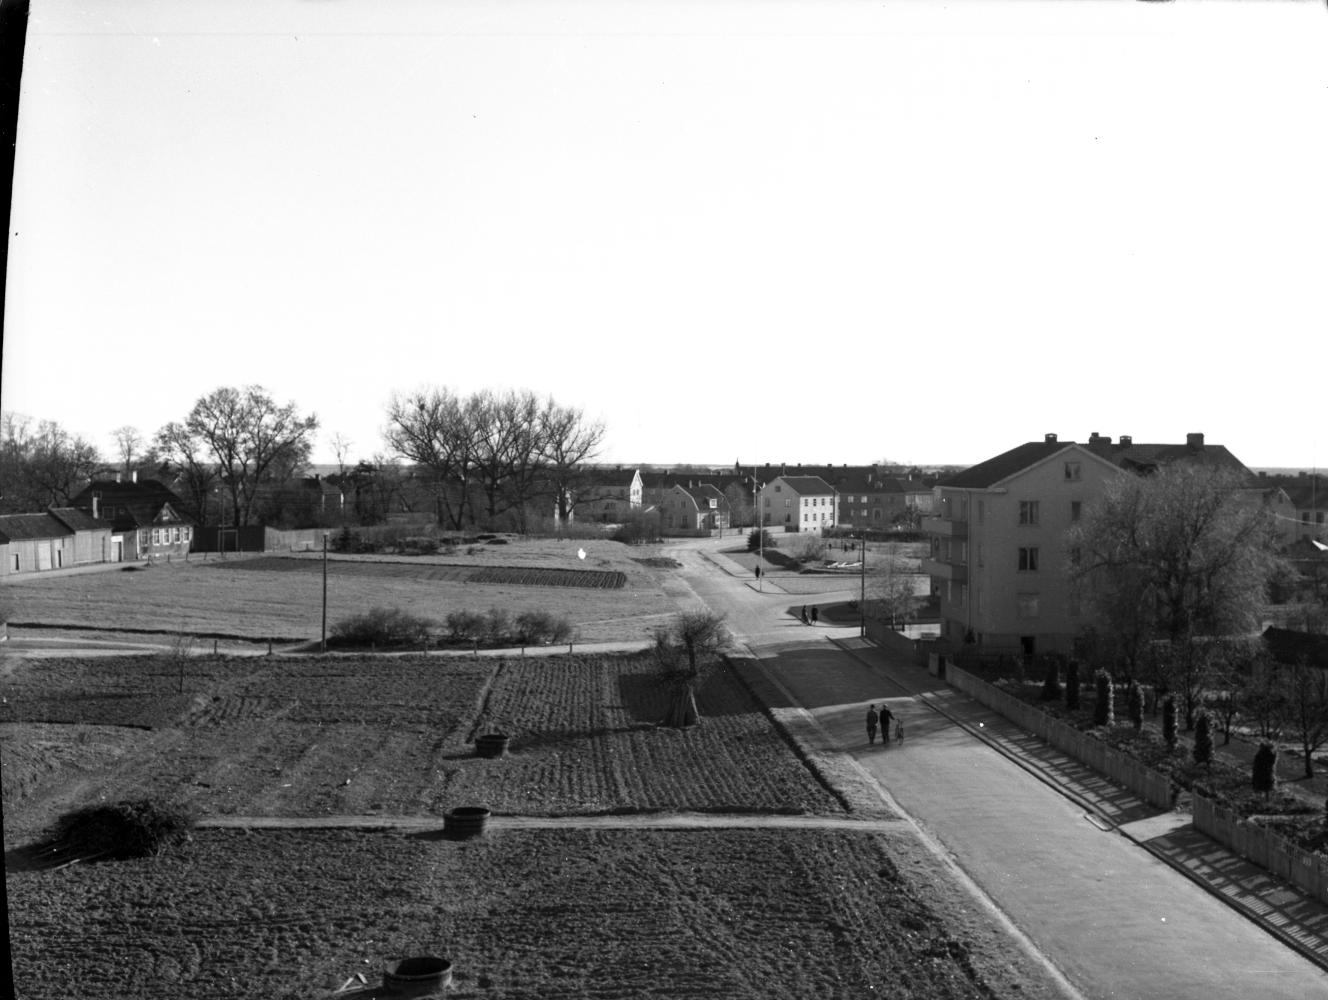 Frejagatan, åkerlyckor, till vänster Krusenstiernska huset, 1939